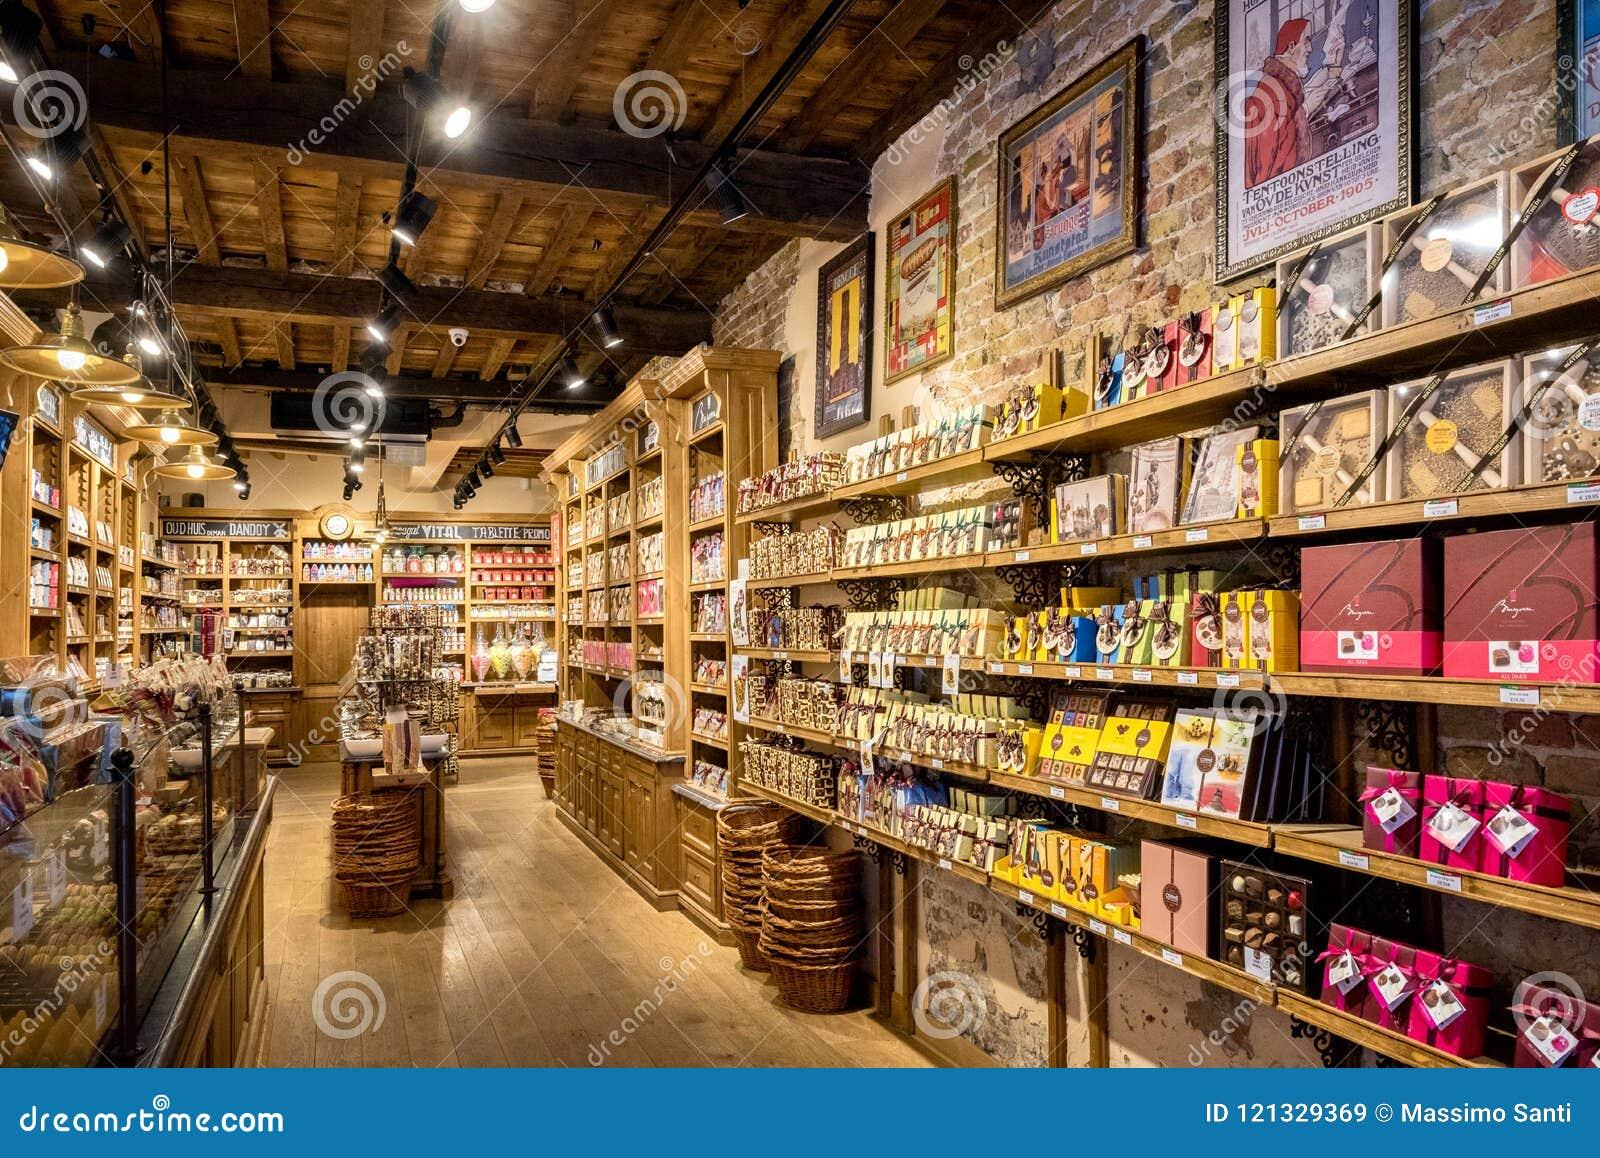 布鲁基为它的chocolatier艺术也是著名的,当许多商店卖他们工匠做的巧克力 比利时